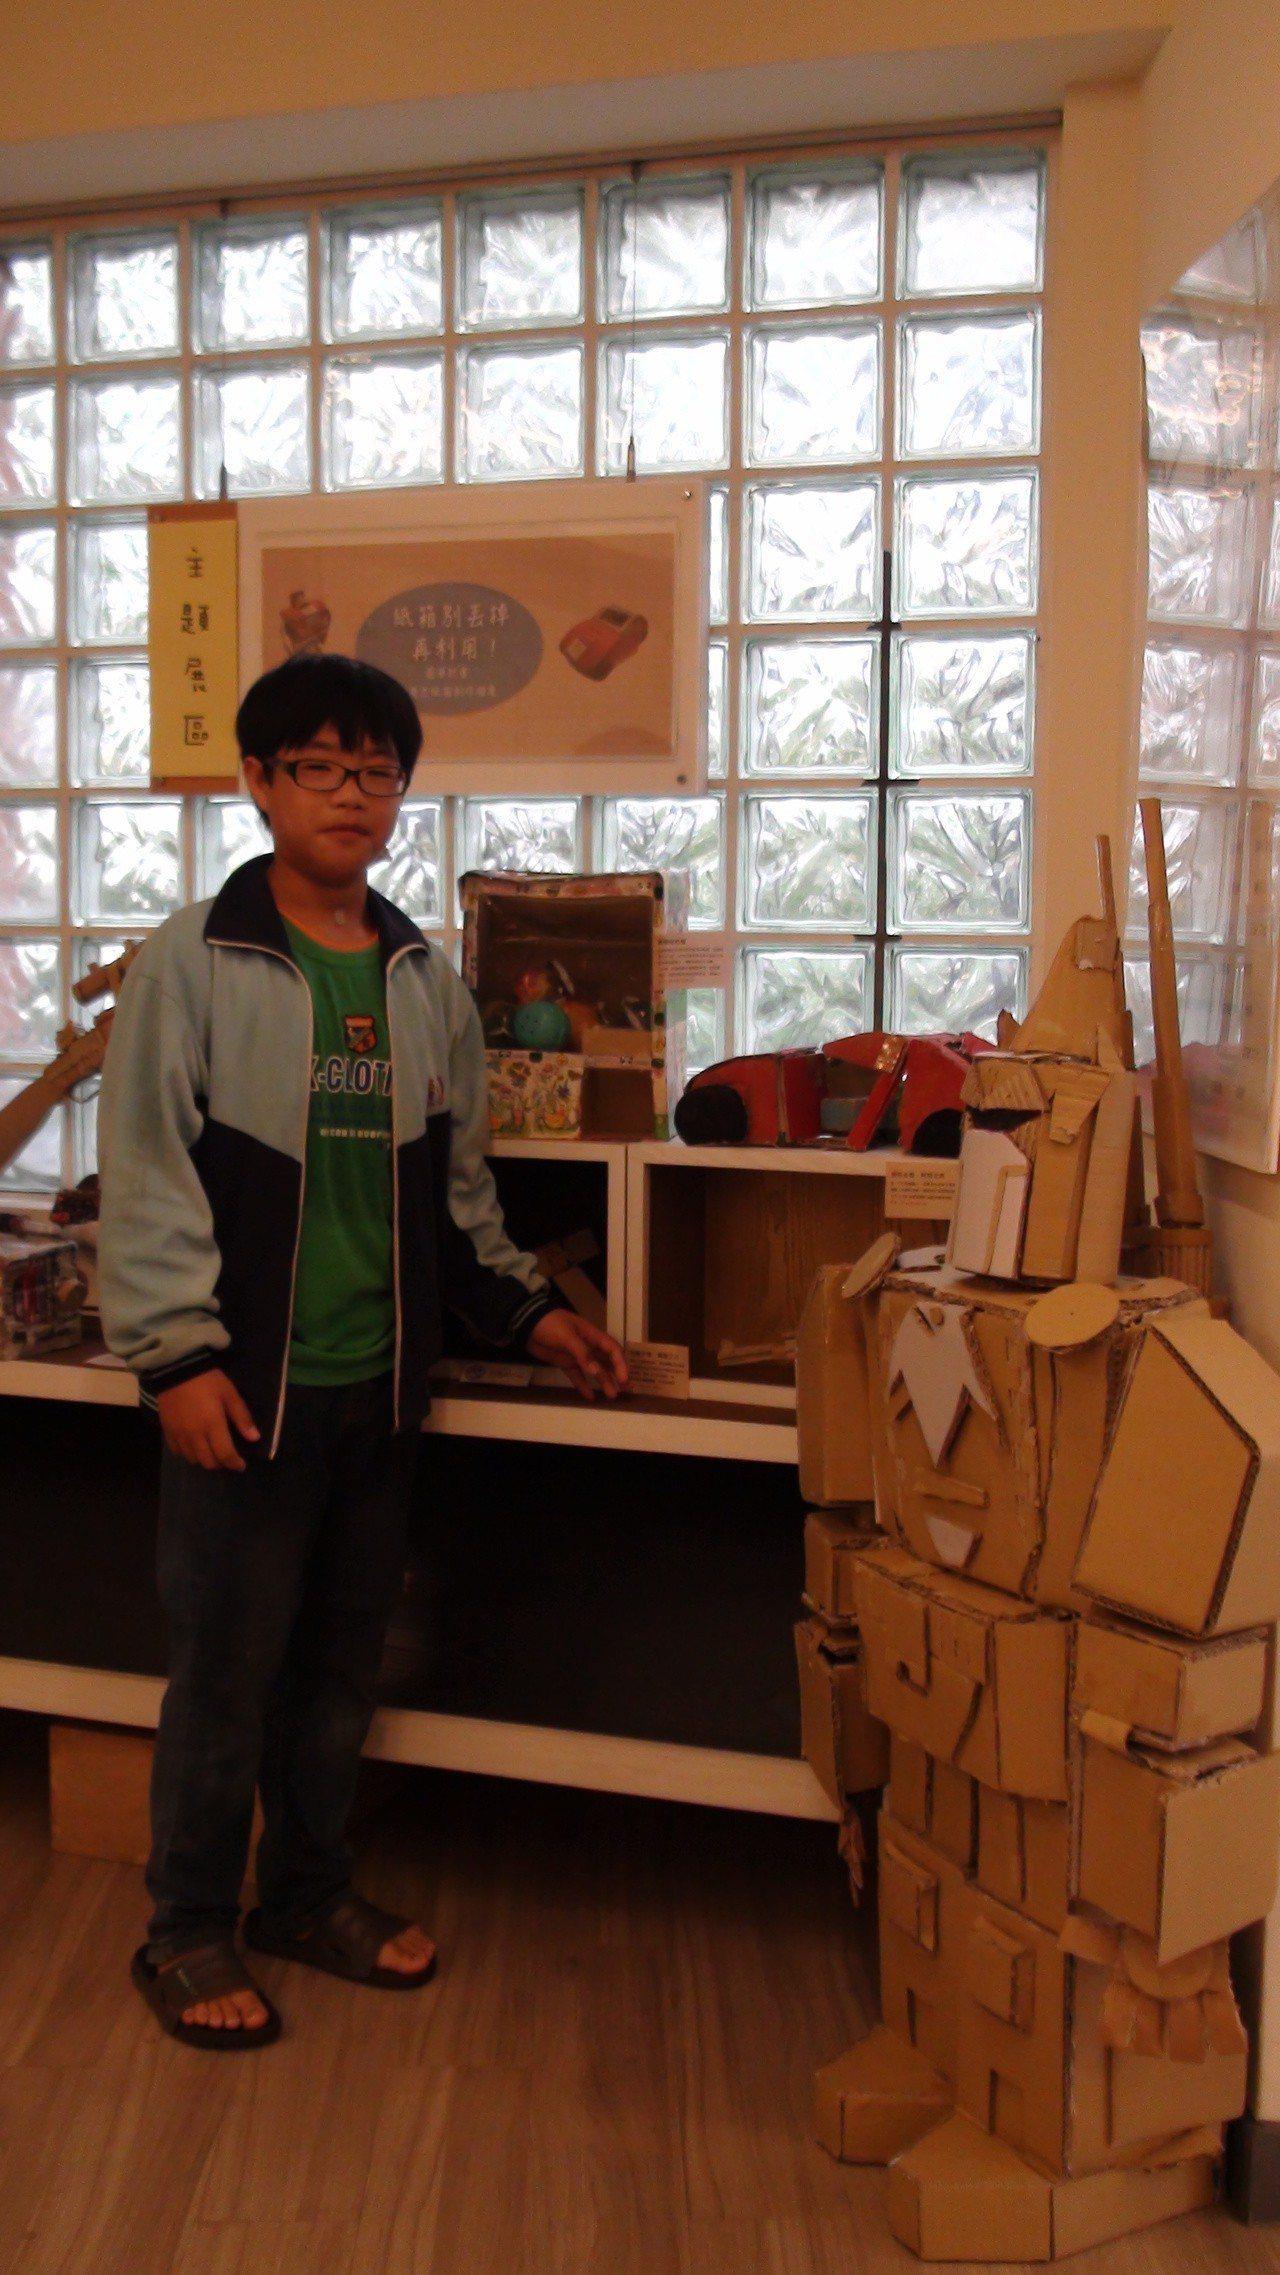 曾宥杰從小用紙板做機械人,頭部和手都可動,還有許多裝置可拆解。記者謝恩得/攝影